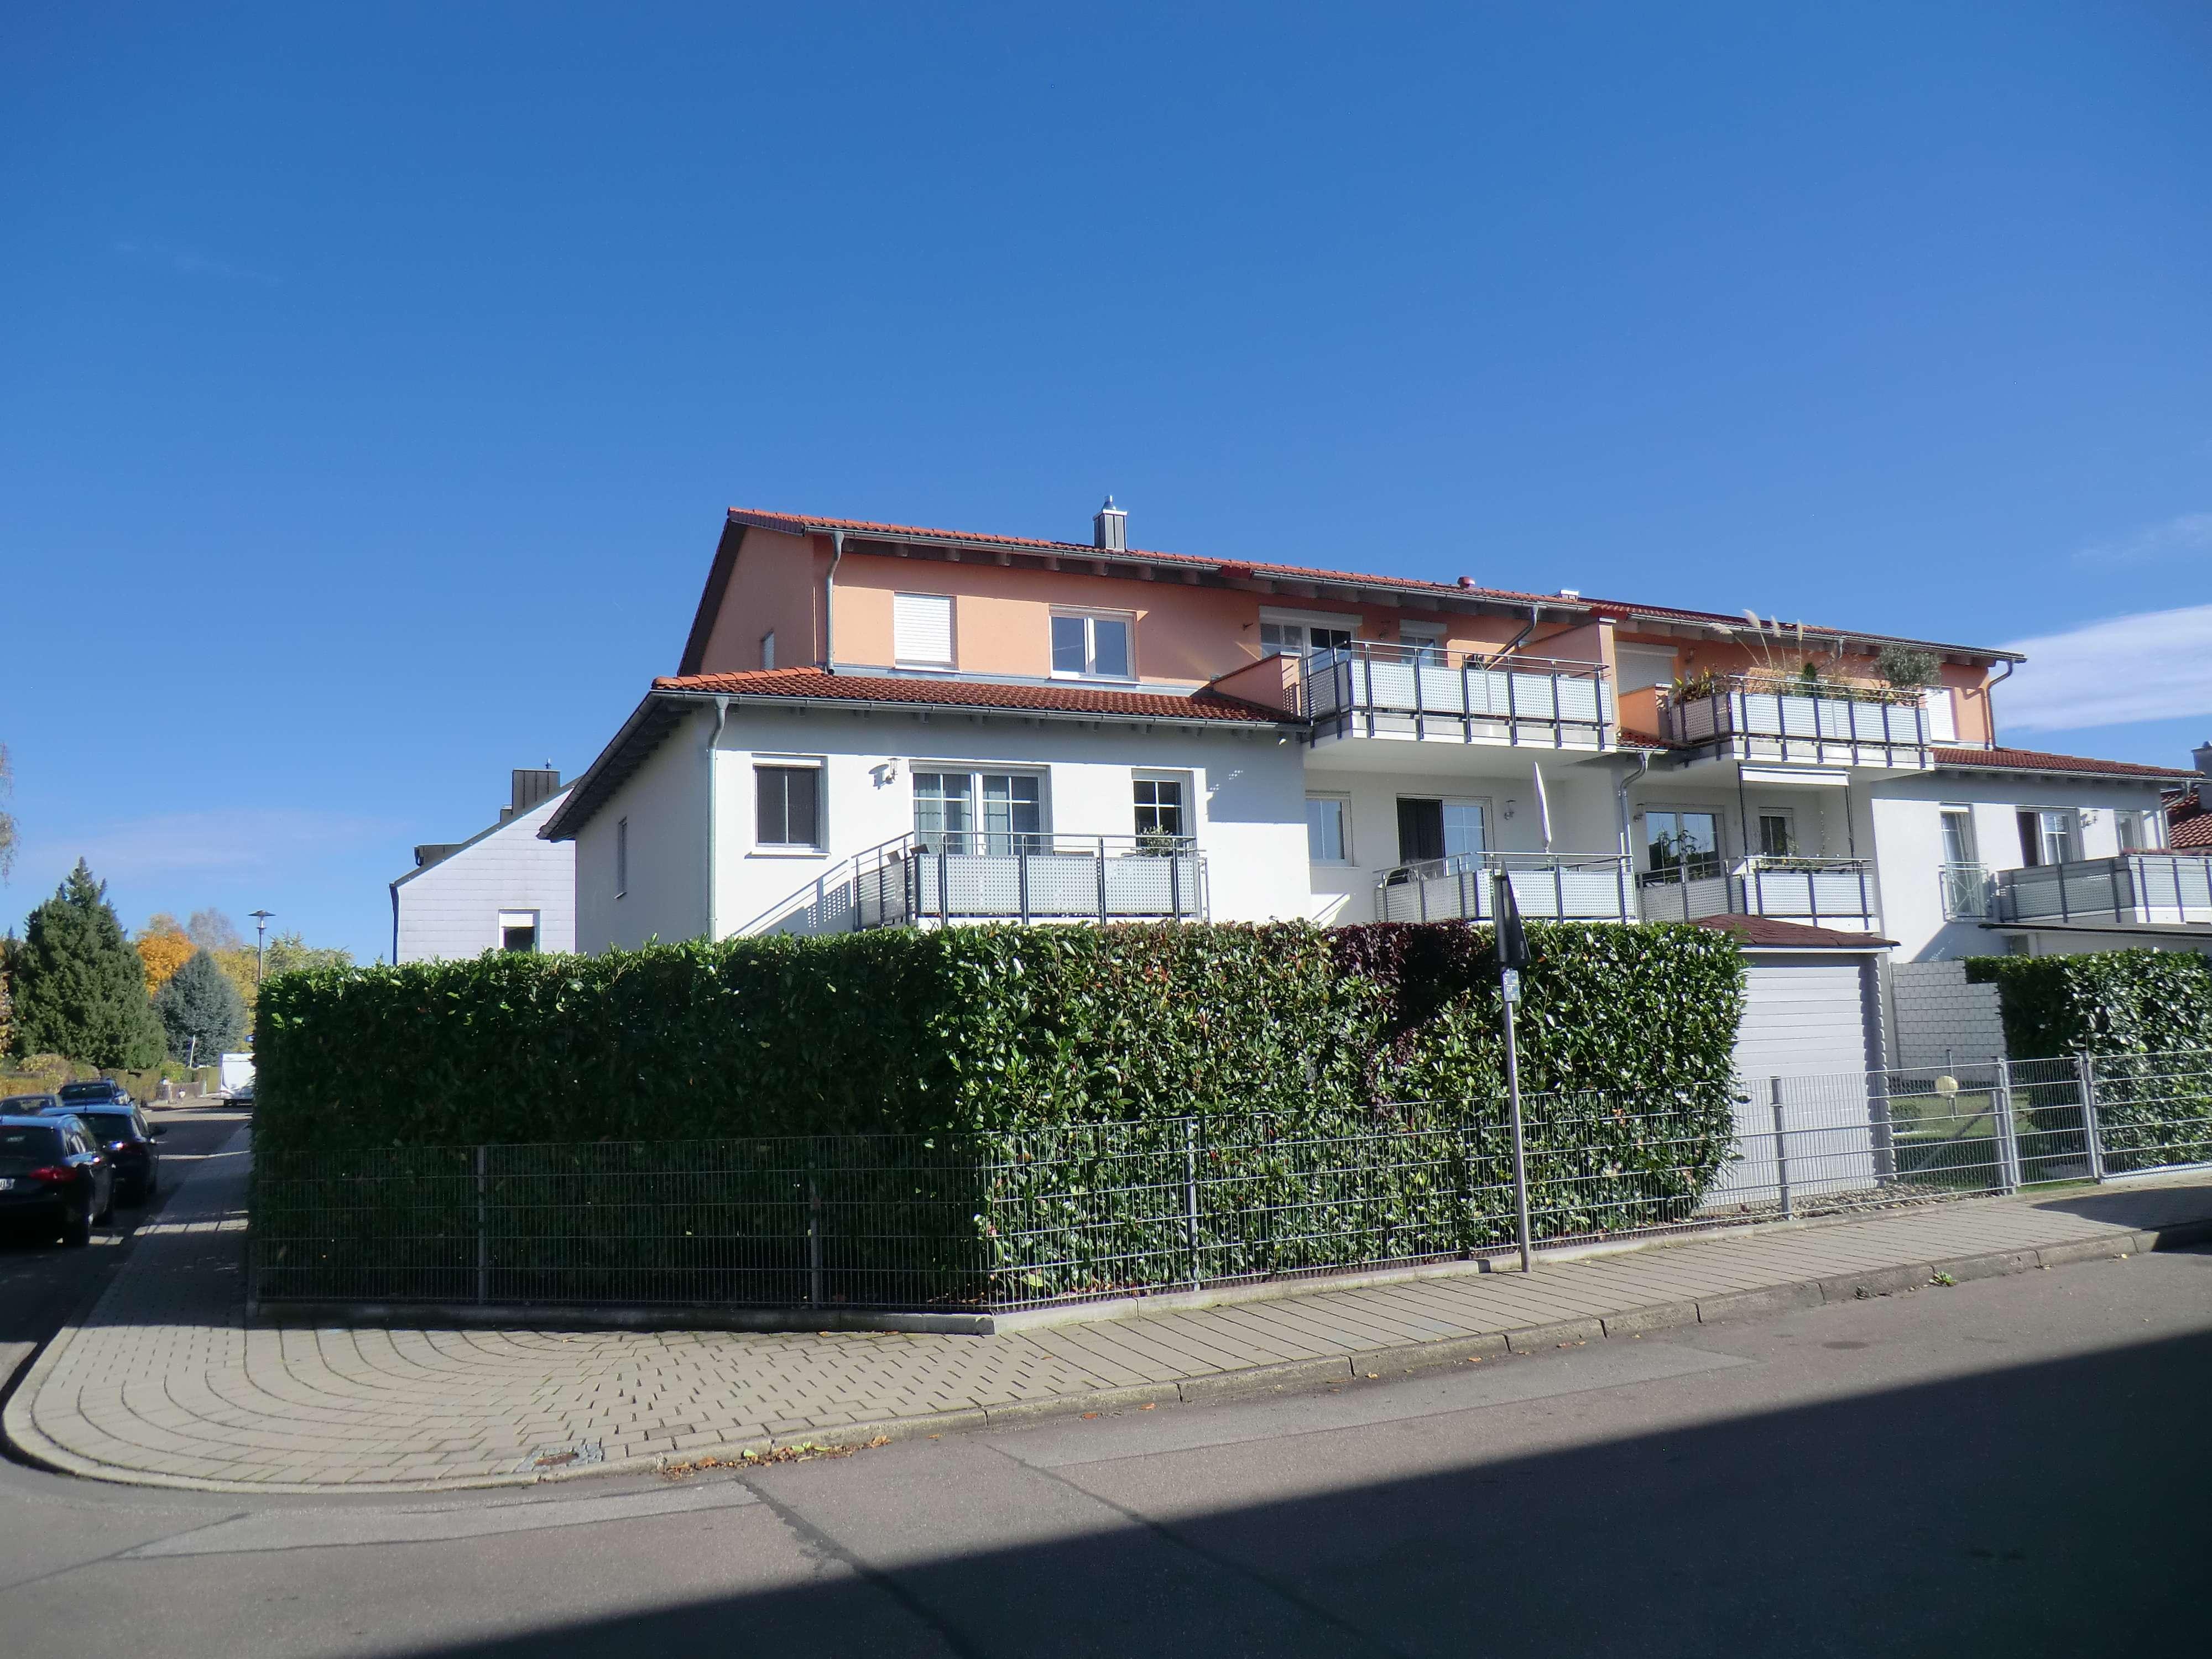 Gepflegte 2-Zimmer-Wohnung mit Balkon in Oberhaunstadt in Oberhaunstadt (Ingolstadt)